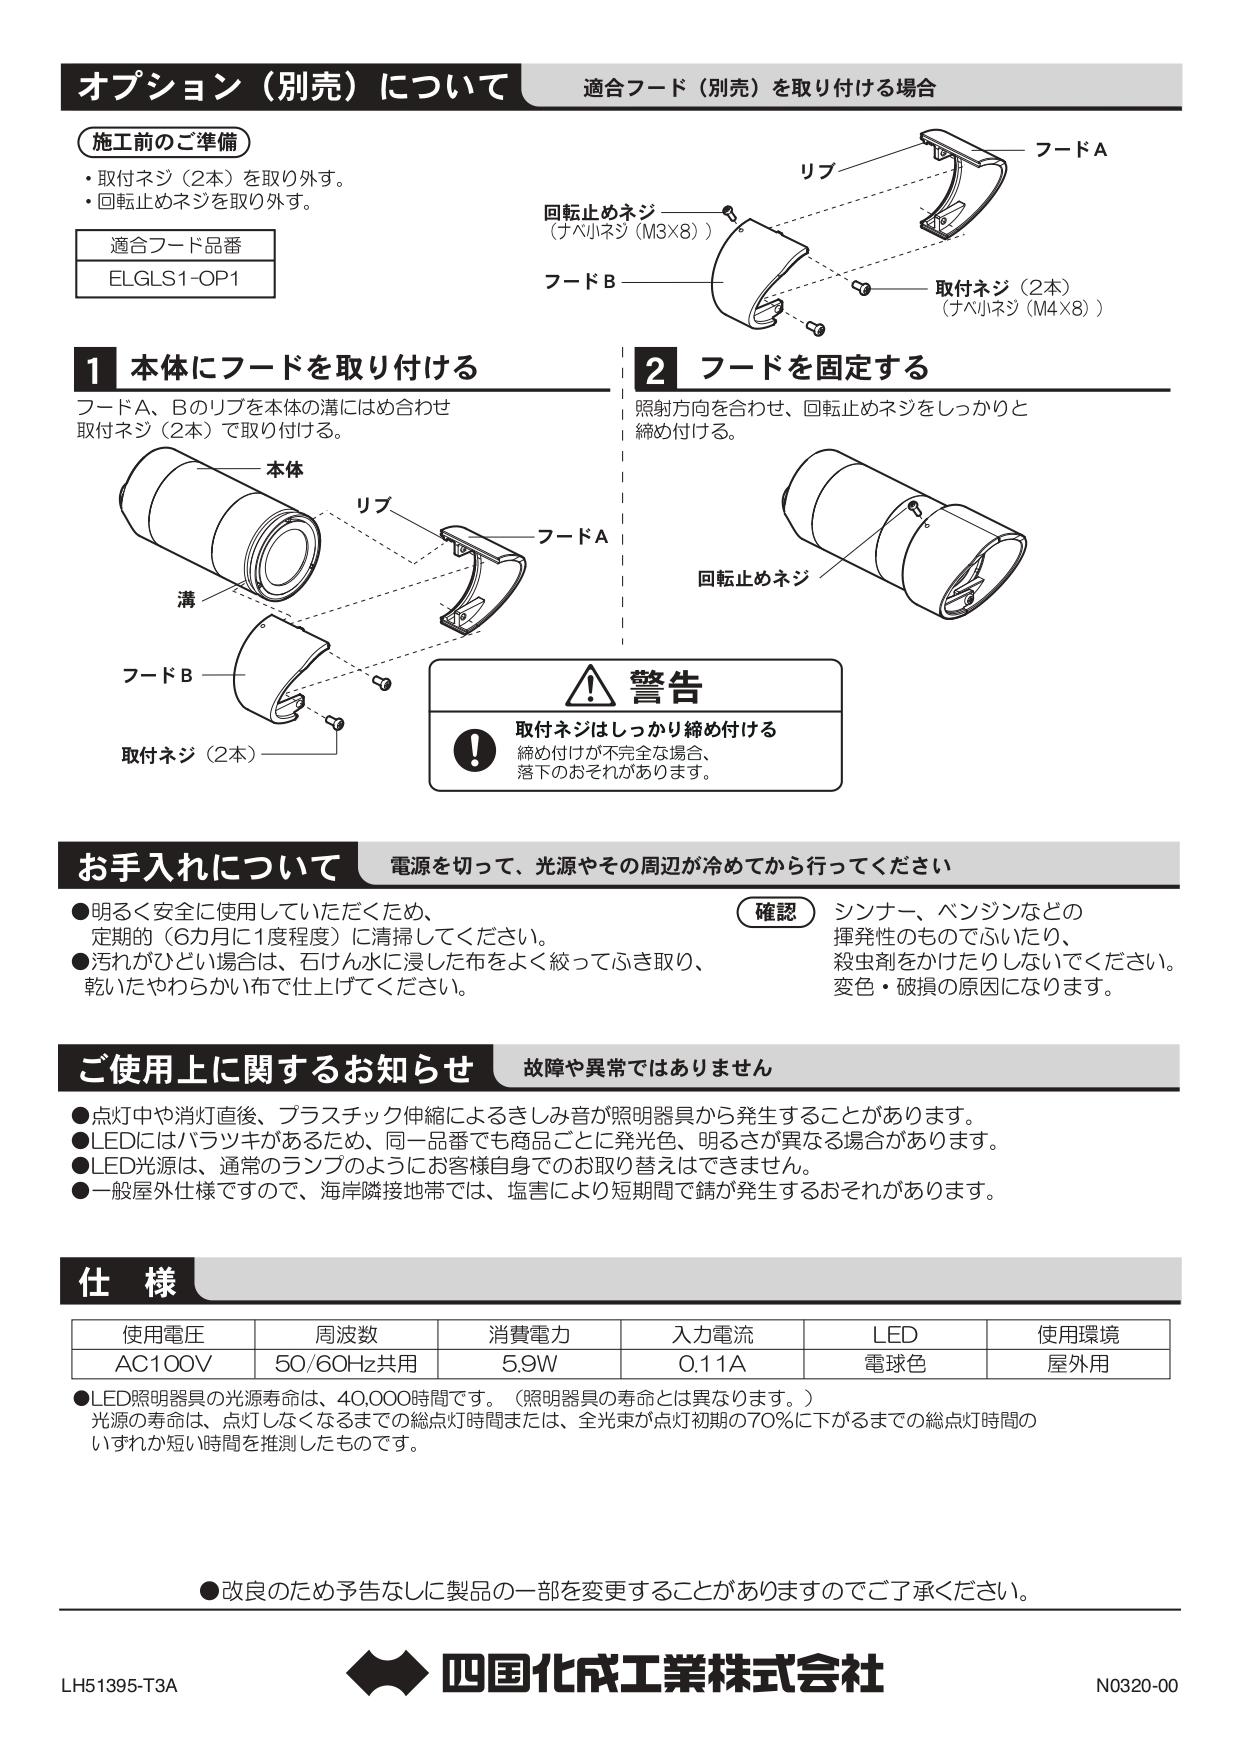 エクステリアライト GLS1型 スポットライト ポールタイプ 施工説明書_page-0004